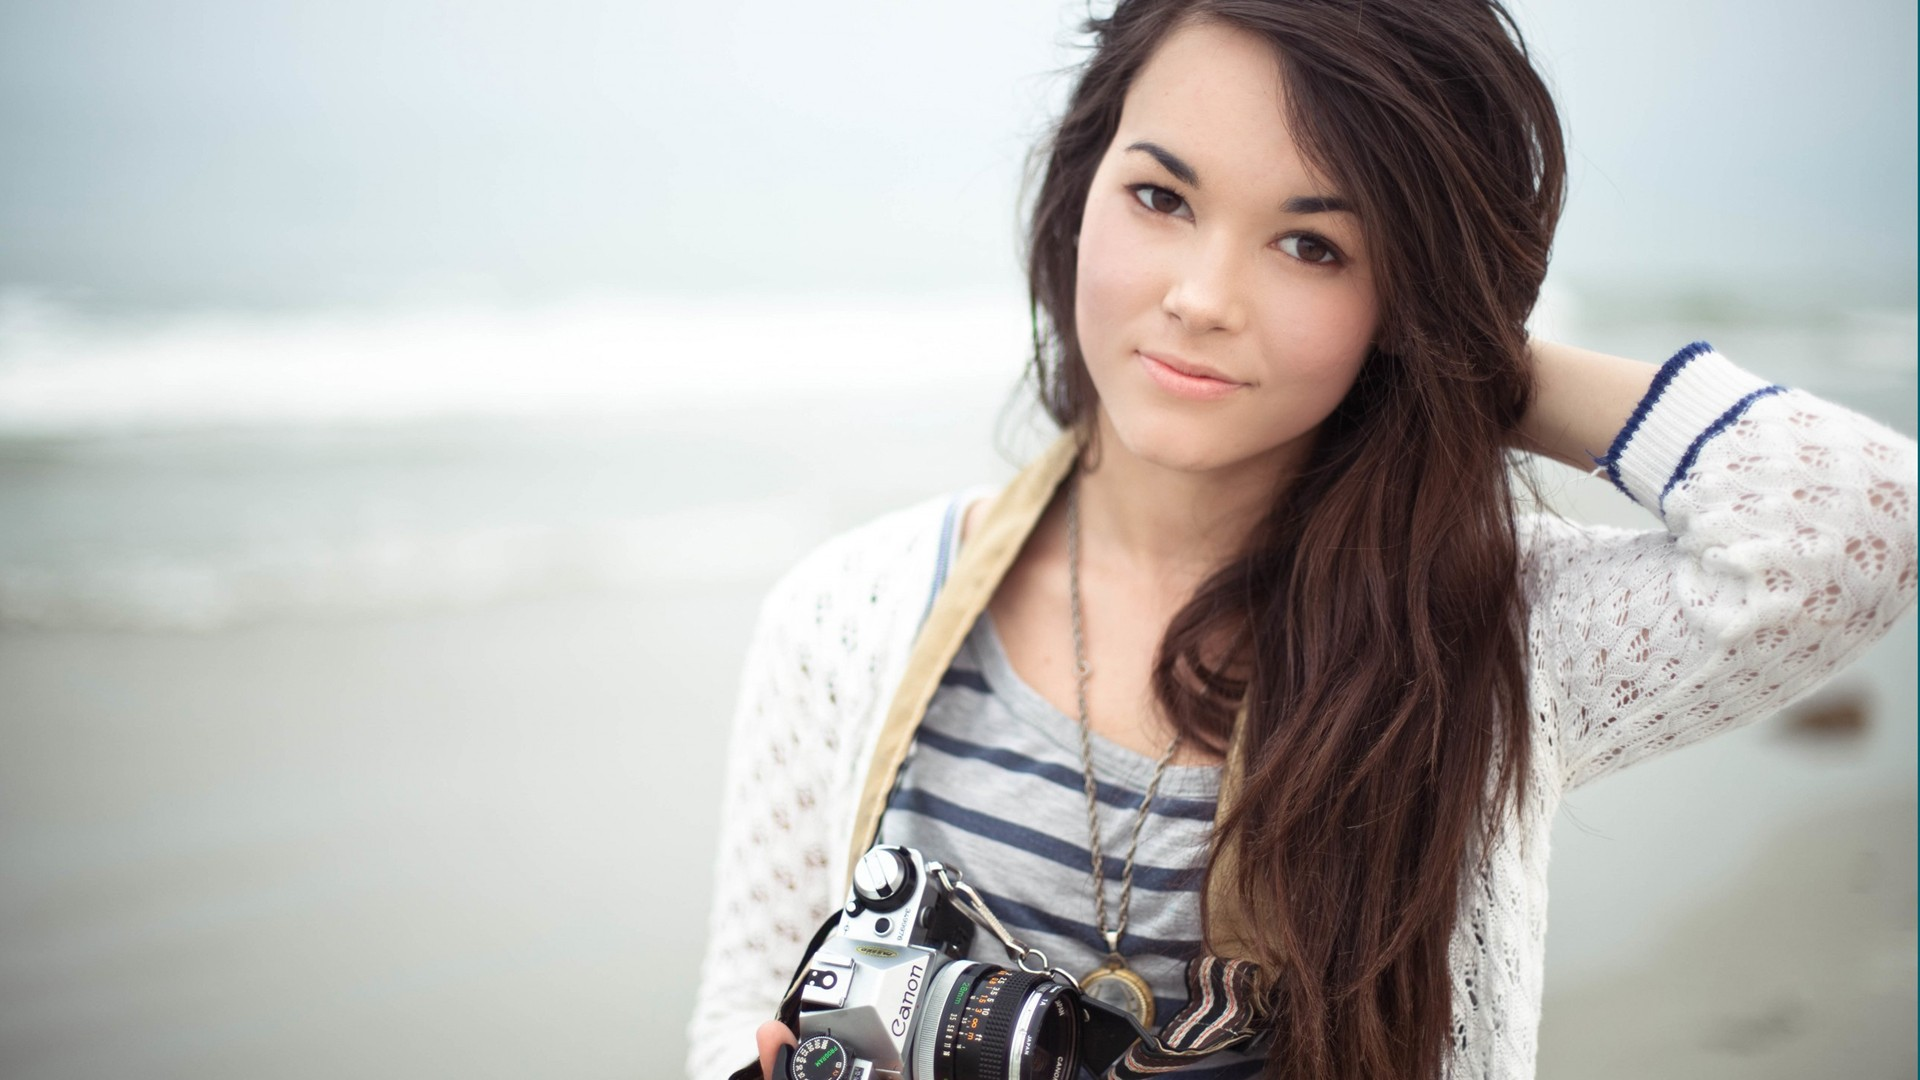 10 best ideas about Cute Girl Wallpaper on Pinterest | Kawaii girl